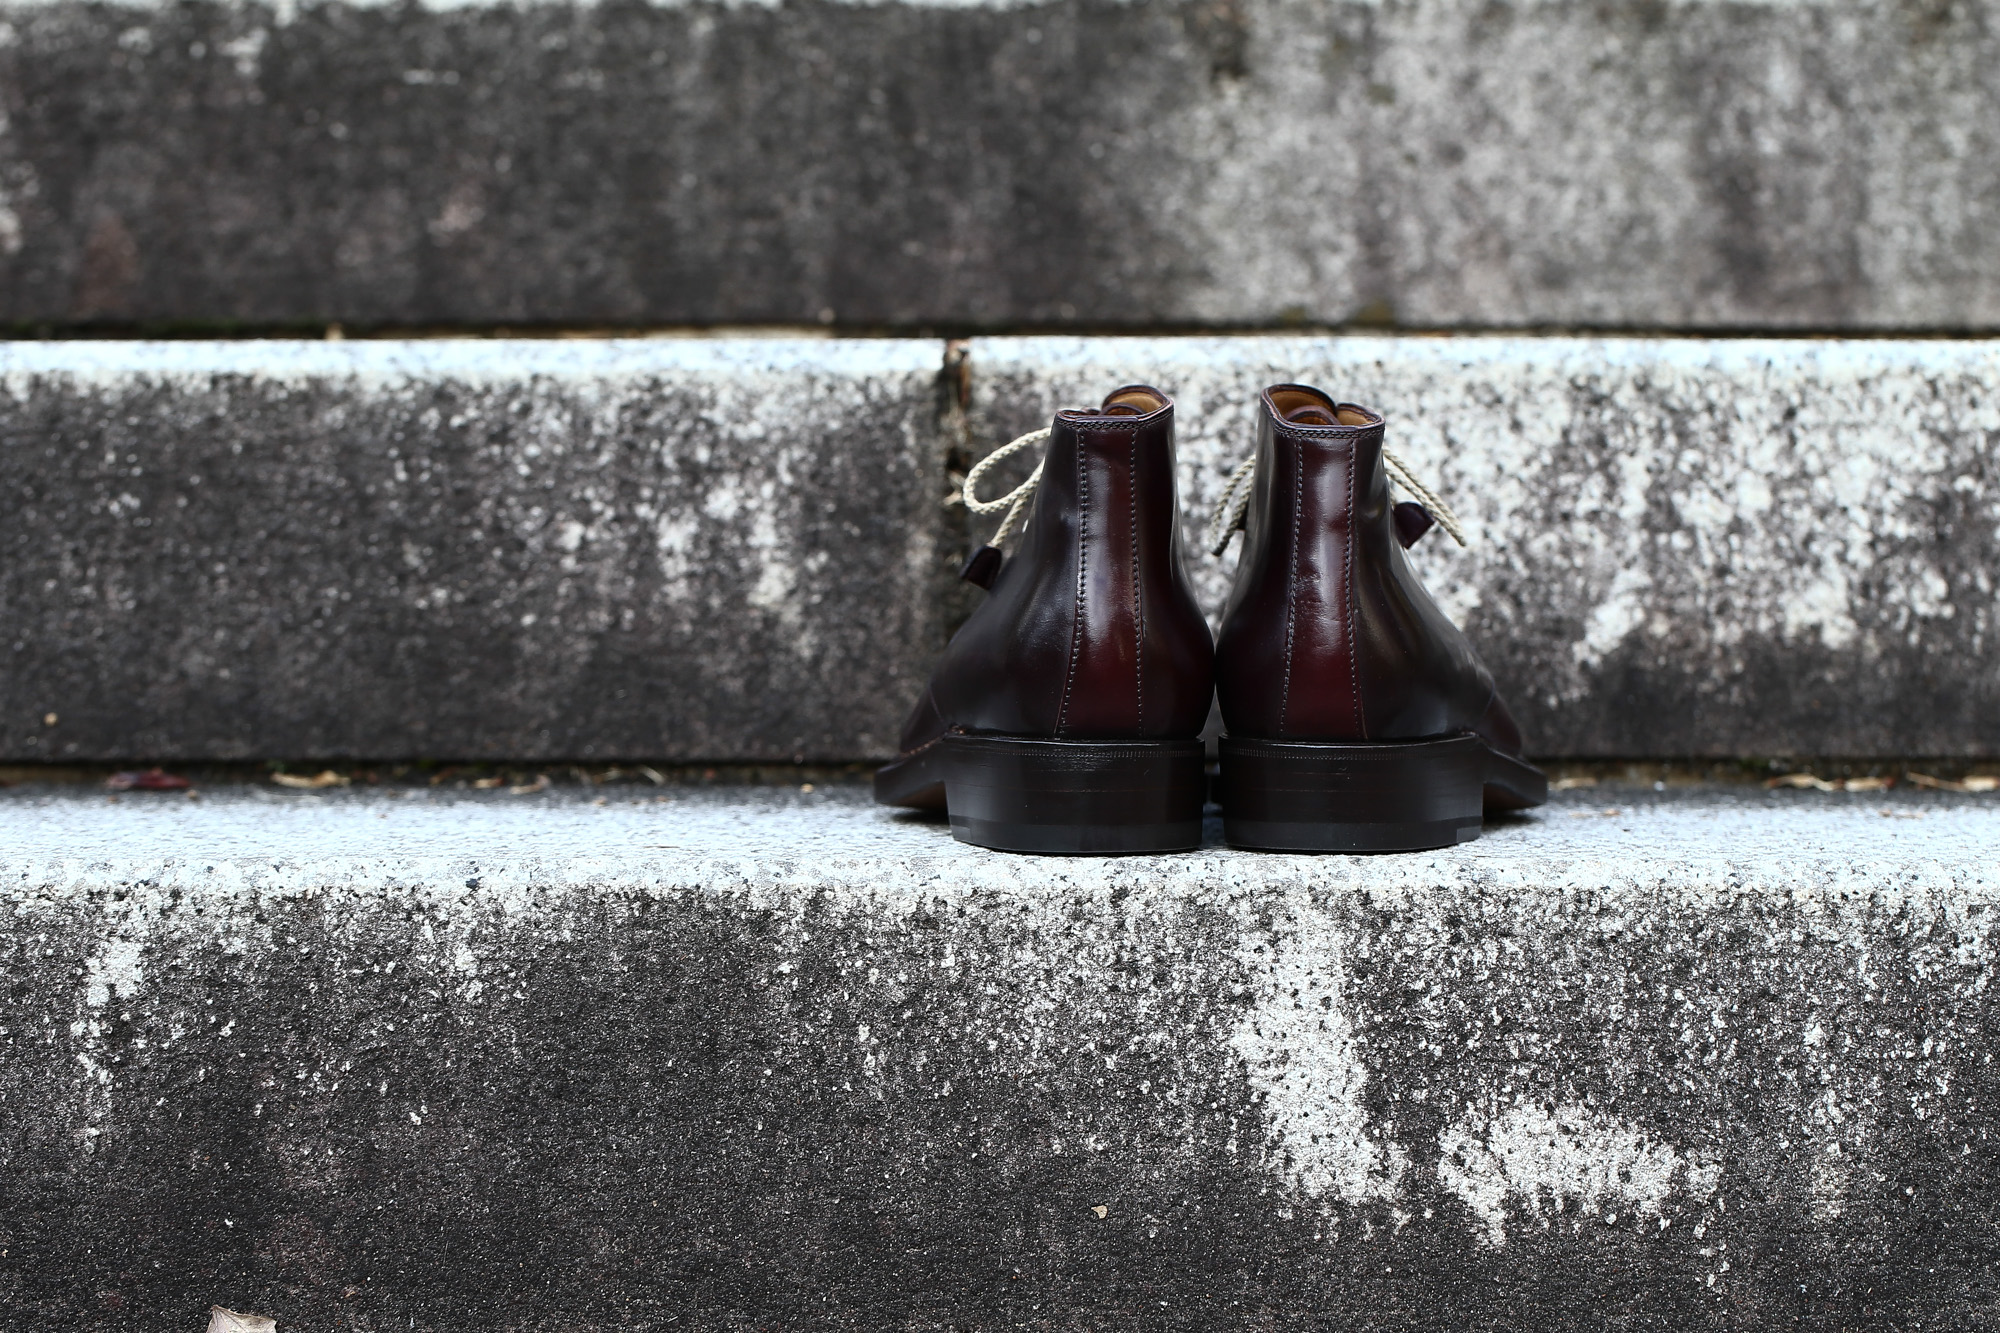 ENZO BONAFE (エンツォボナフェ) ART.3722 Chukka boots Horween Shell Cordovan Leather ホーウィン社 シェルコードバンレザー レザーブーツ コードバンブーツ チャッカブーツ No.8 (バーガンディー) made in Italy(イタリア製) 愛知 名古屋 Alto e Diritto アルト エ デリット ボナフェ コードバン ベネチアンクリーム JOHN LOBB ジョンロブ CHURCH'S チャーチ JOSEPH CHEANEY ジョセフチーニー CORTHAY コルテ ALFRED SARGENT アルフレッドサージェント CROCKETT&JONES クロケットジョーンズ F.LLI GIACOMETTI フラテッリジャコメッティ ENZO BONAFE エンツォボナフェ BETTANIN&VENTURI ベッタニンヴェントゥーリ JALAN SRIWIJAYA ジャランスリウァヤ J.W.WESTON ジェイエムウエストン SANTONI サントーニ SERGIO ROSSI セルジオロッシ CARMINA カルミナ